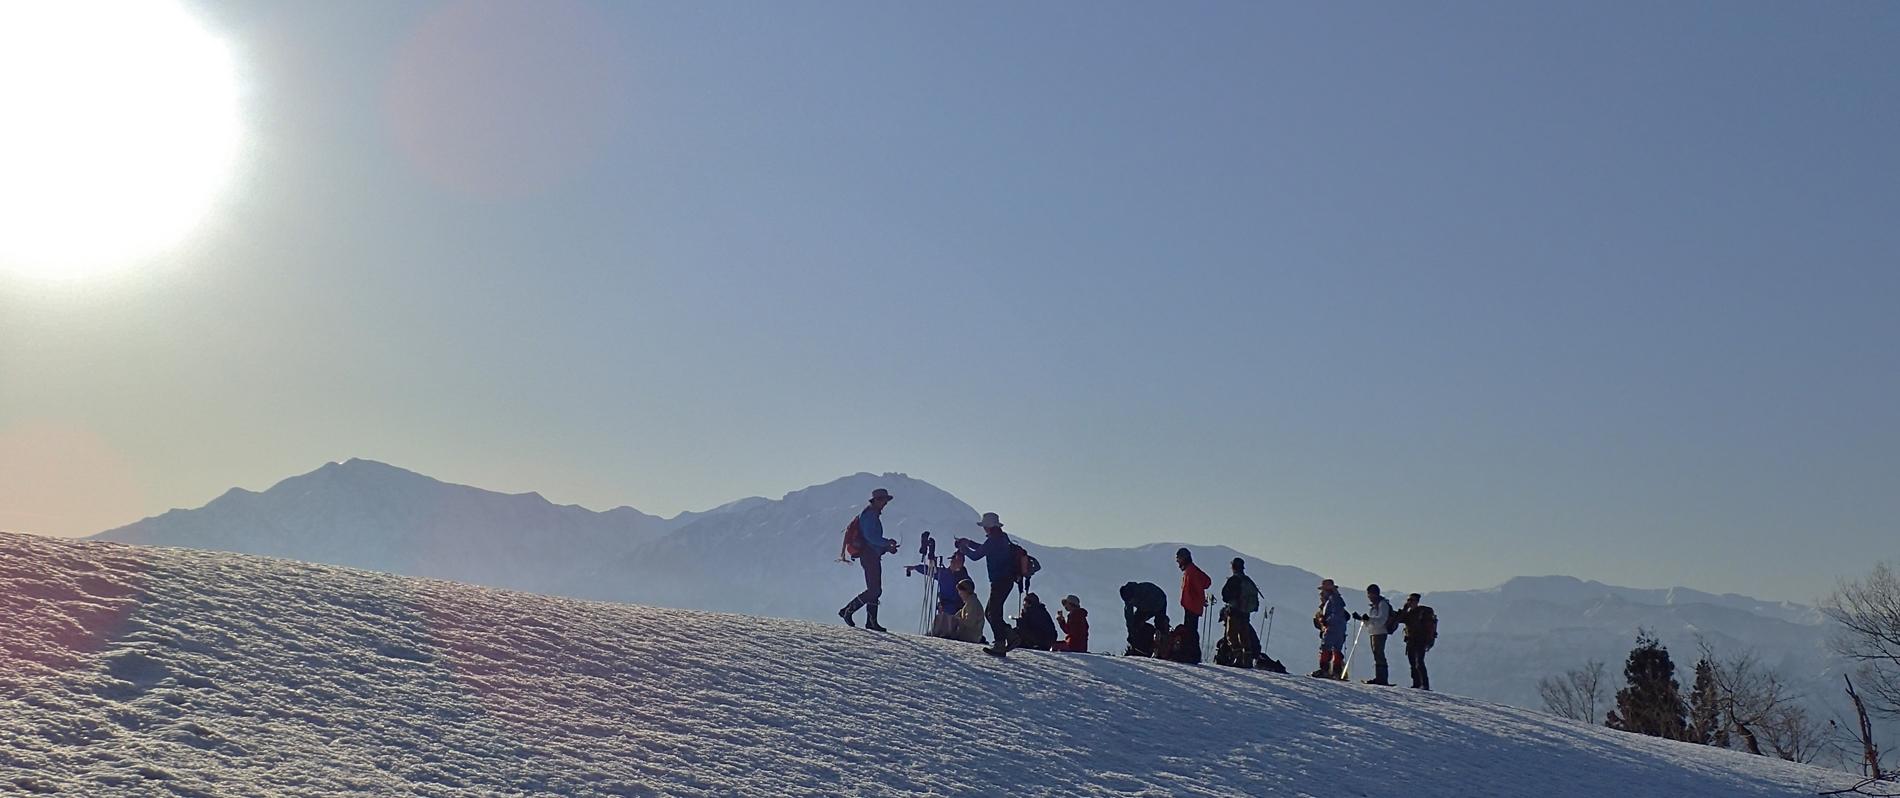 春山散歩・雪山ツアー